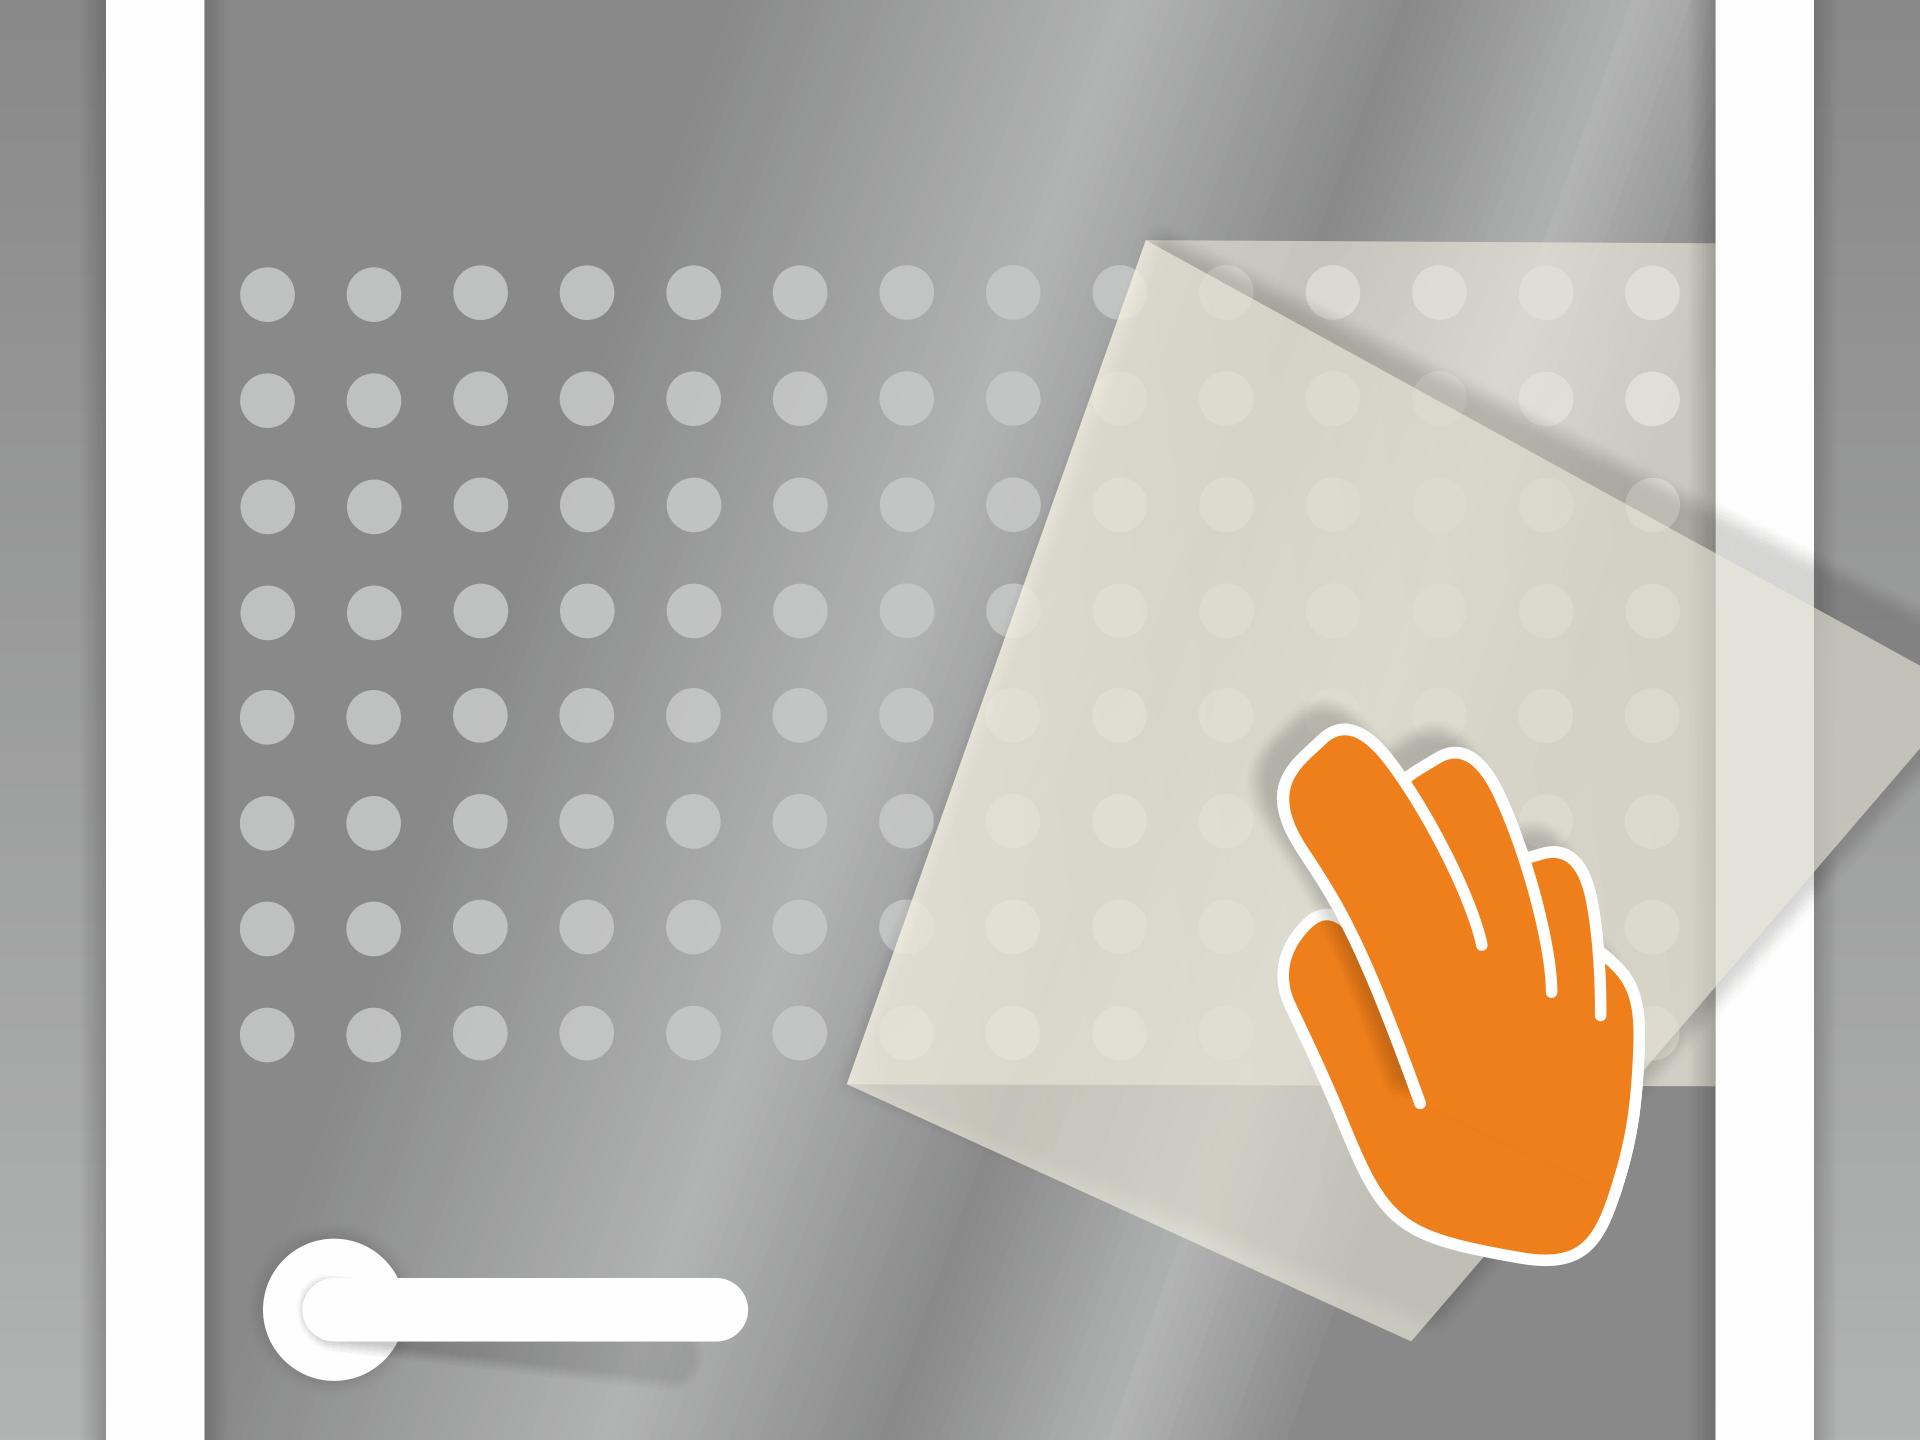 Die Übertagungsfolie sehr vorsichtig und in flachem Winkel abziehen. Sollten sich dabei vereinzelt Teile des Musters mit ablösen, so werden diese vorsichtig zurück auf das Glas gedrückt. Tipp: Später lassen sich Luftbläschen mit einer Nähnadel seitlich anstechen und die Luft mit dem Fingernagel rausschieben.